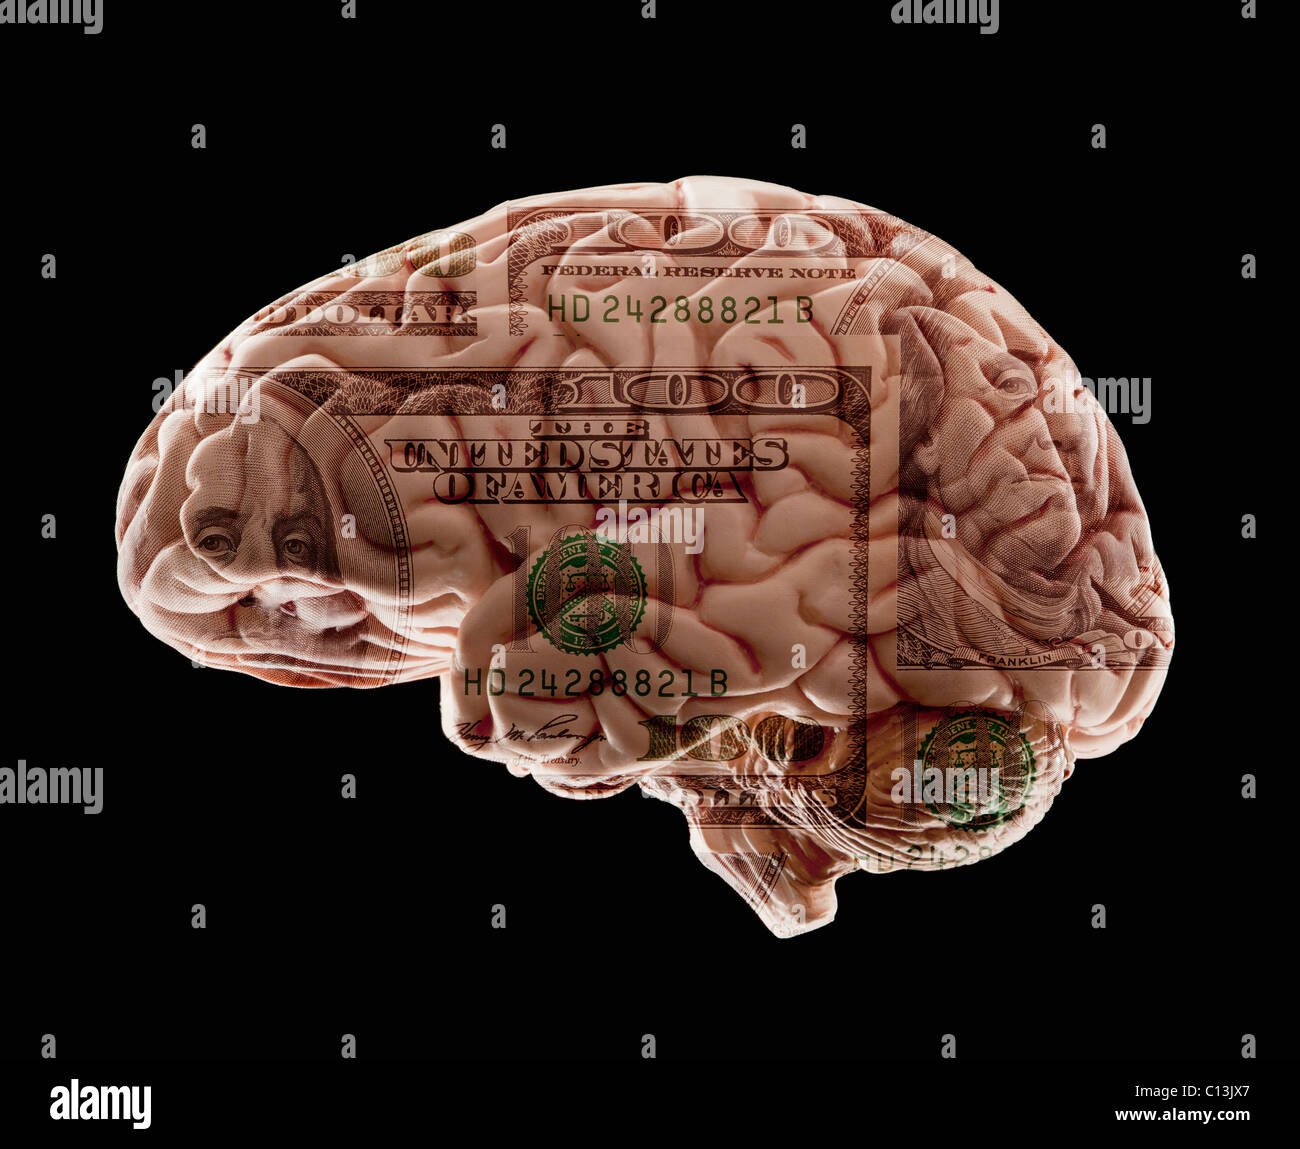 Zusammensetzung des menschlichen Gehirns Modell und hundert-Dollar-note Stockbild